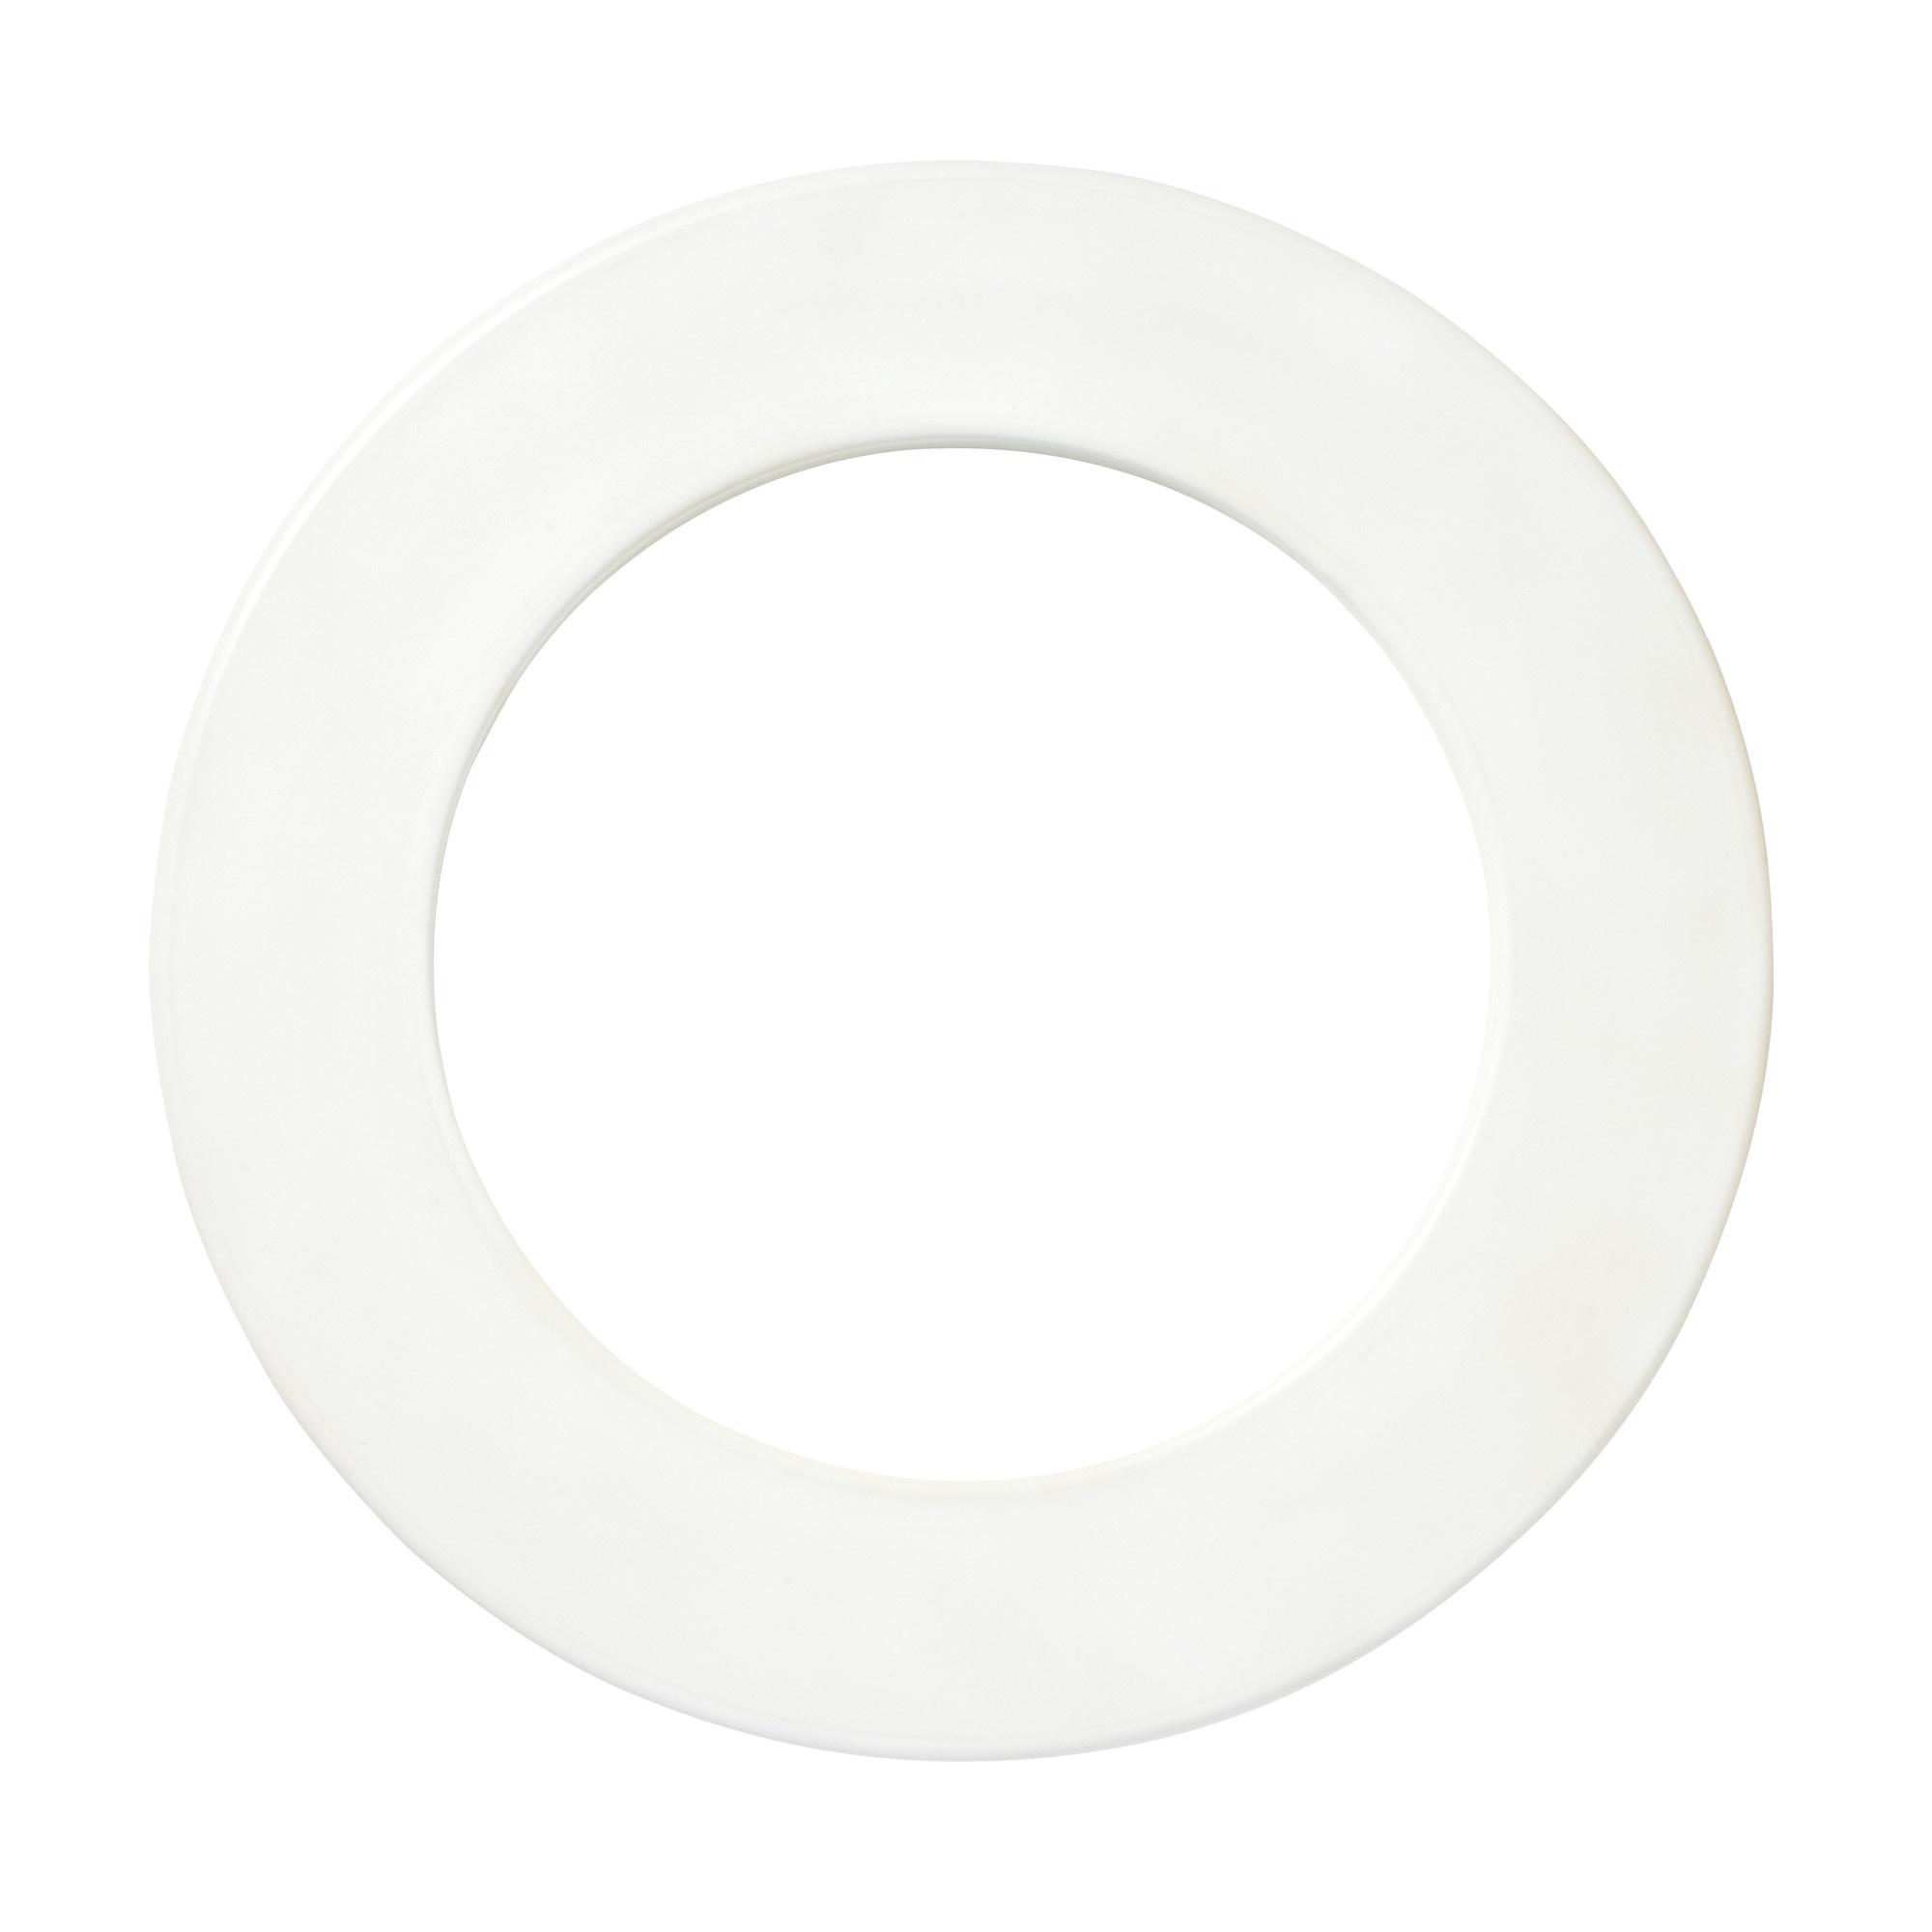 Winmau Darts Winmau Dartbord Surround - Plain White